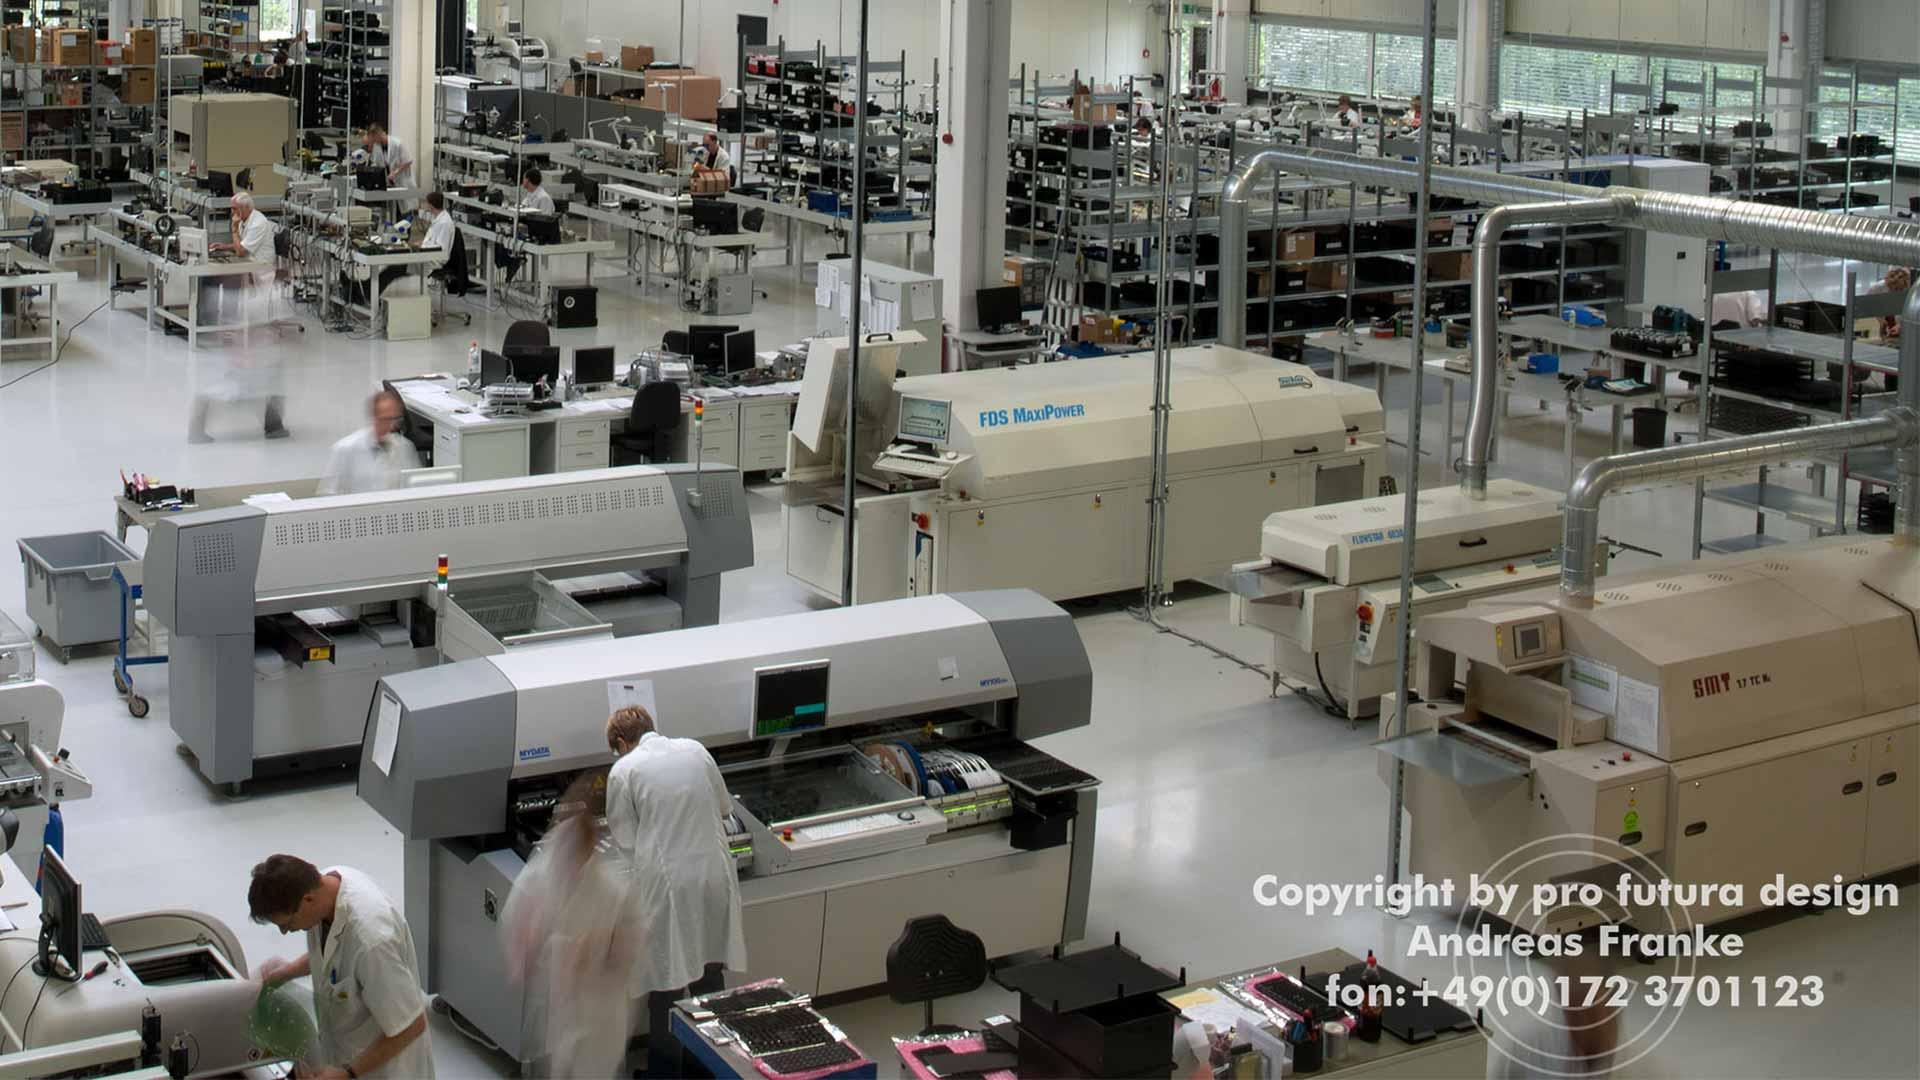 industriehallenfoto-innenaufnahme-chemnitzer-ekm